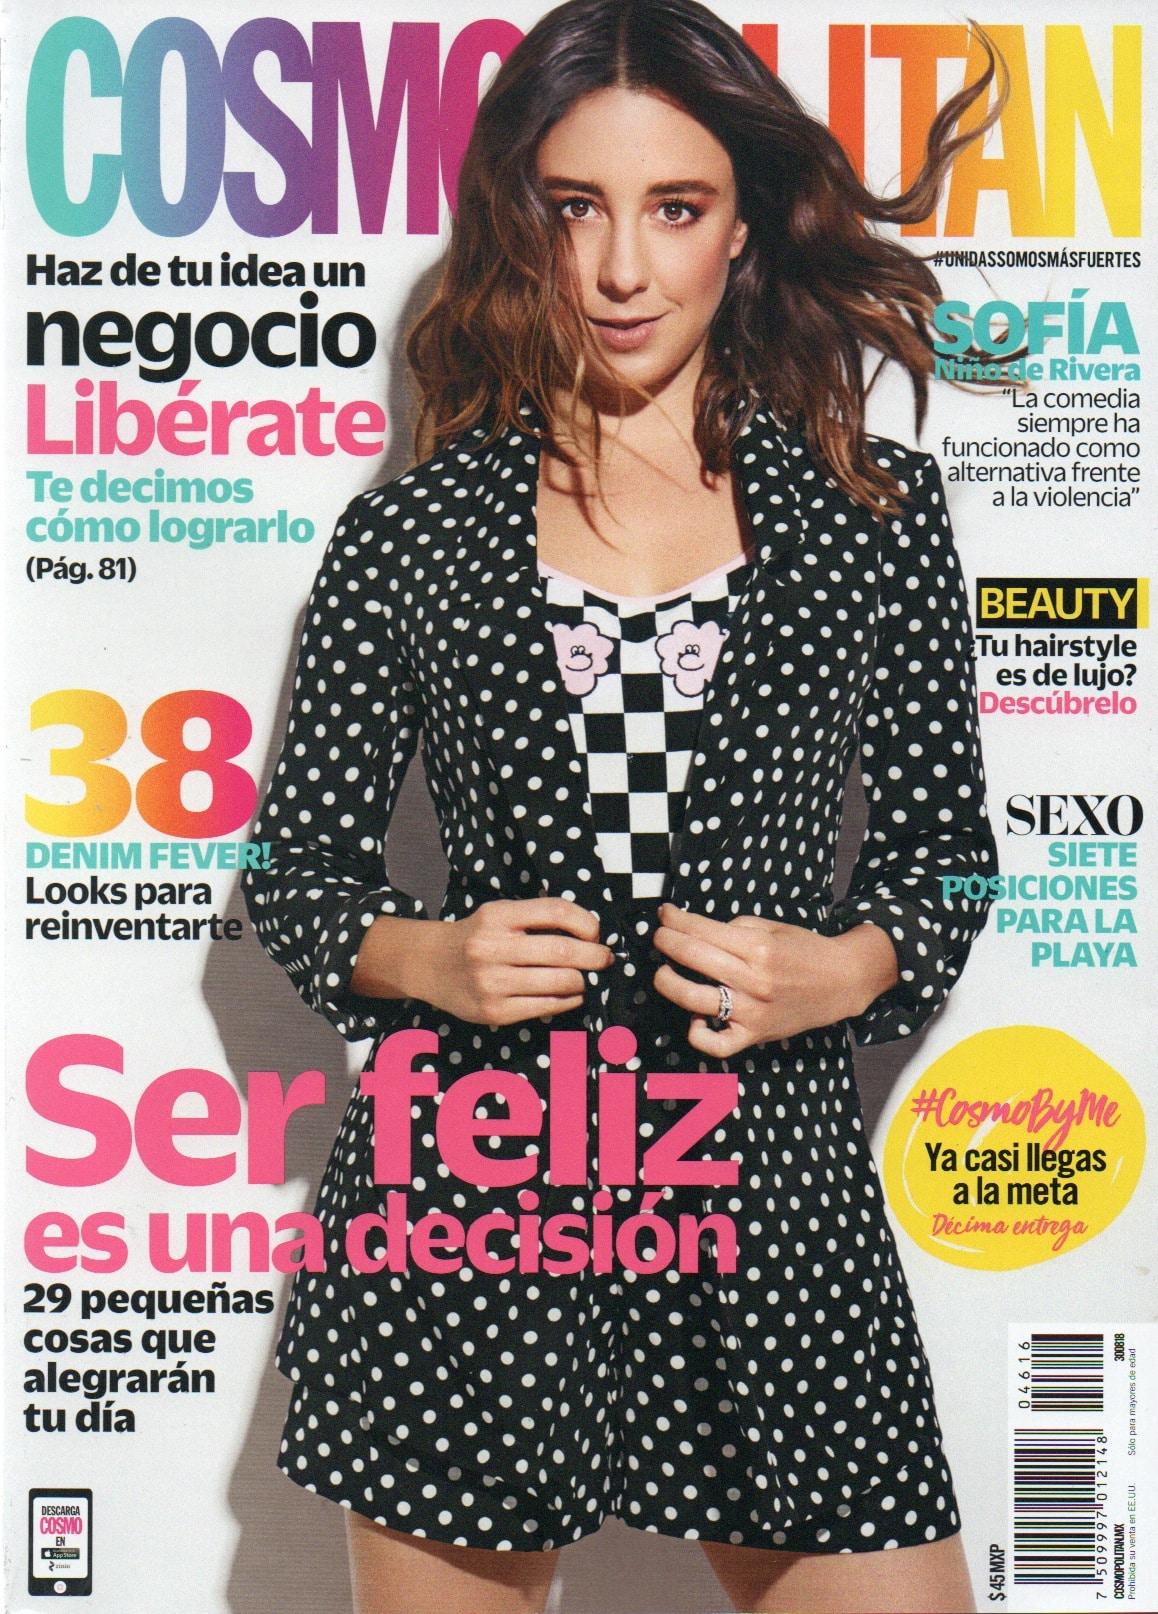 Cosmopolitan_Sep2018_Cover_Izapa